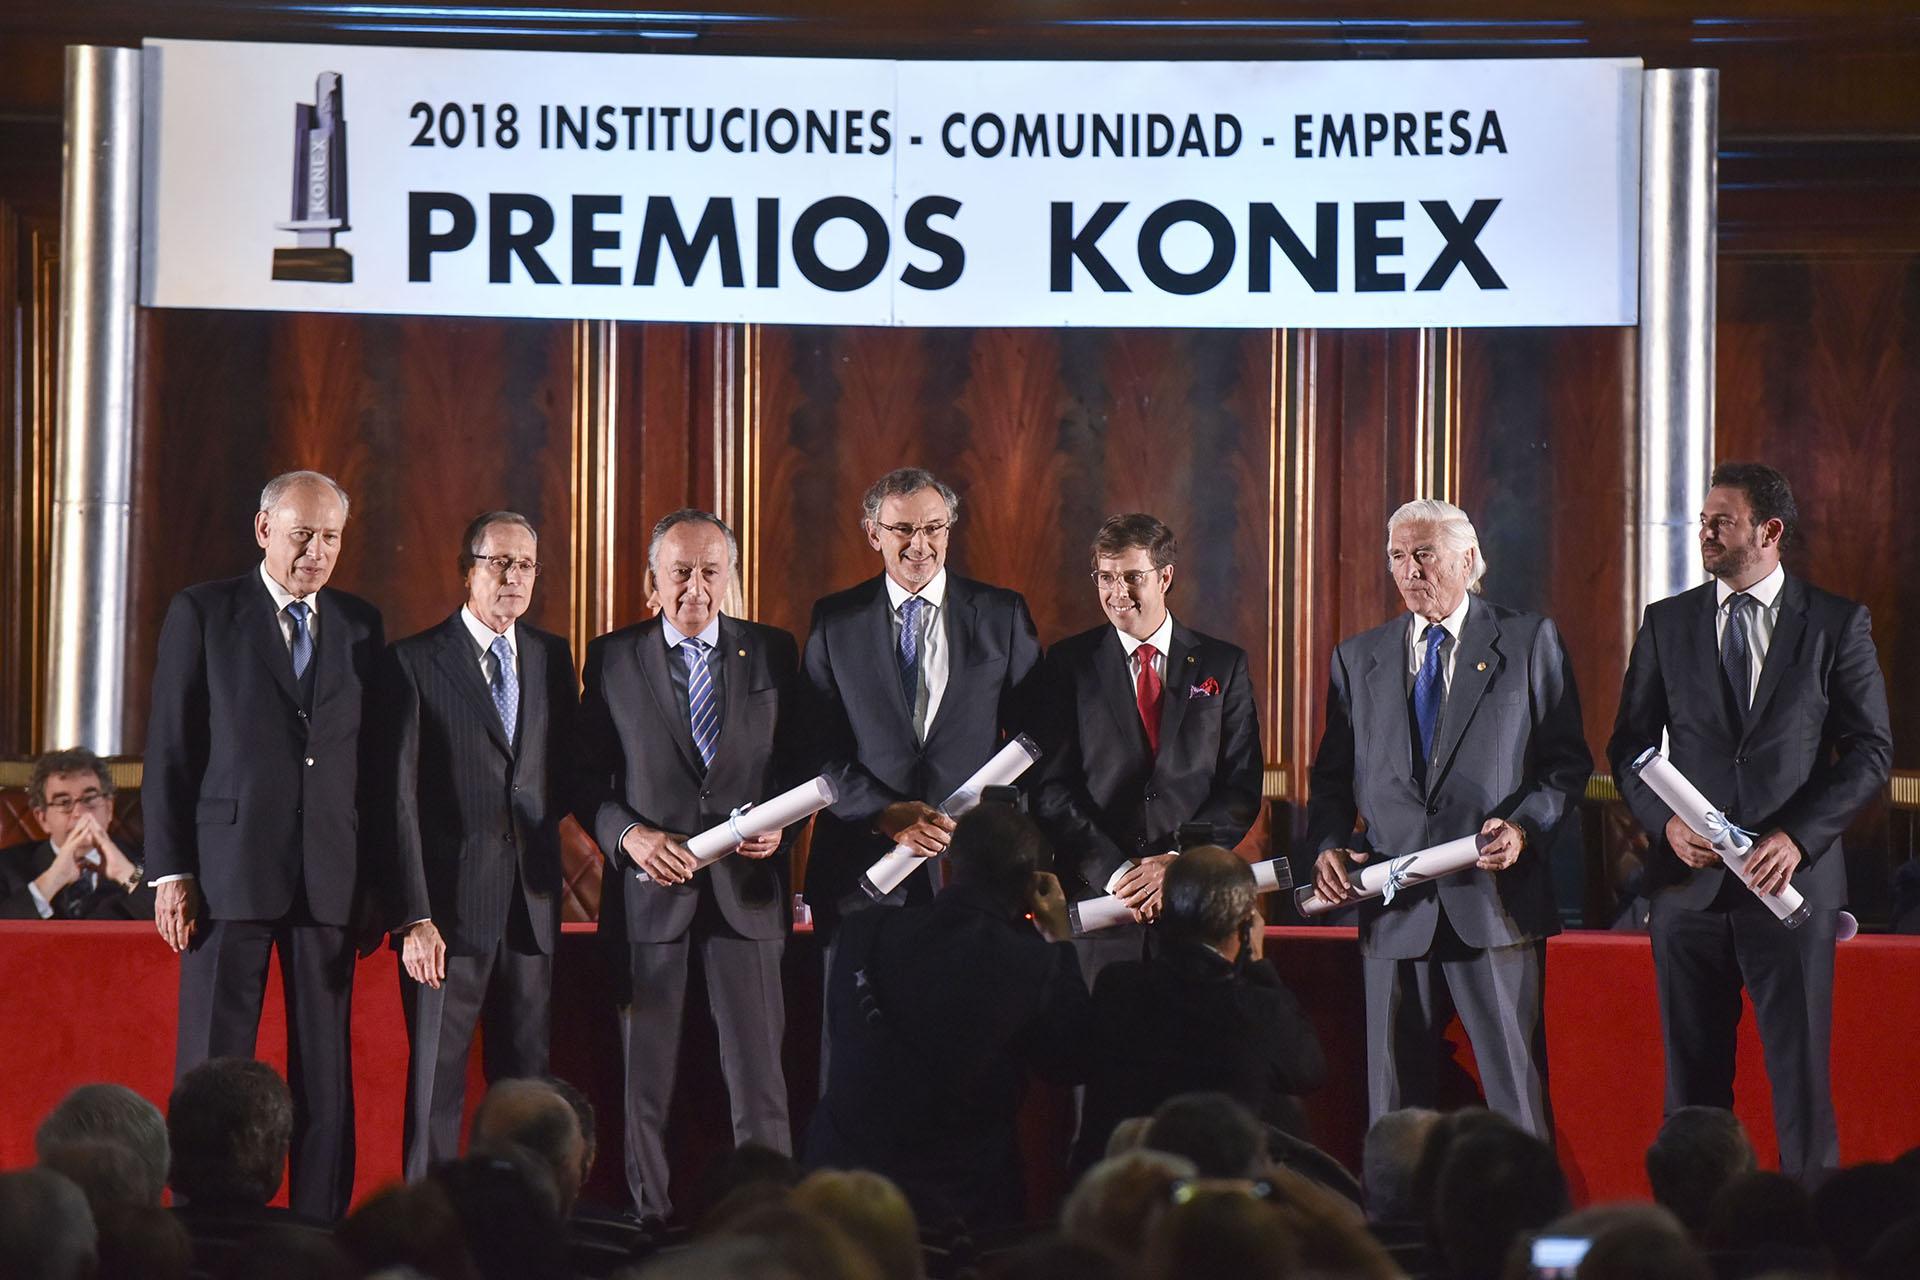 Dirigentes Empresarios: Miguel Acevedo, Claudio Cesario, Javier Goñi, Luciano Miguens y José Urtubey